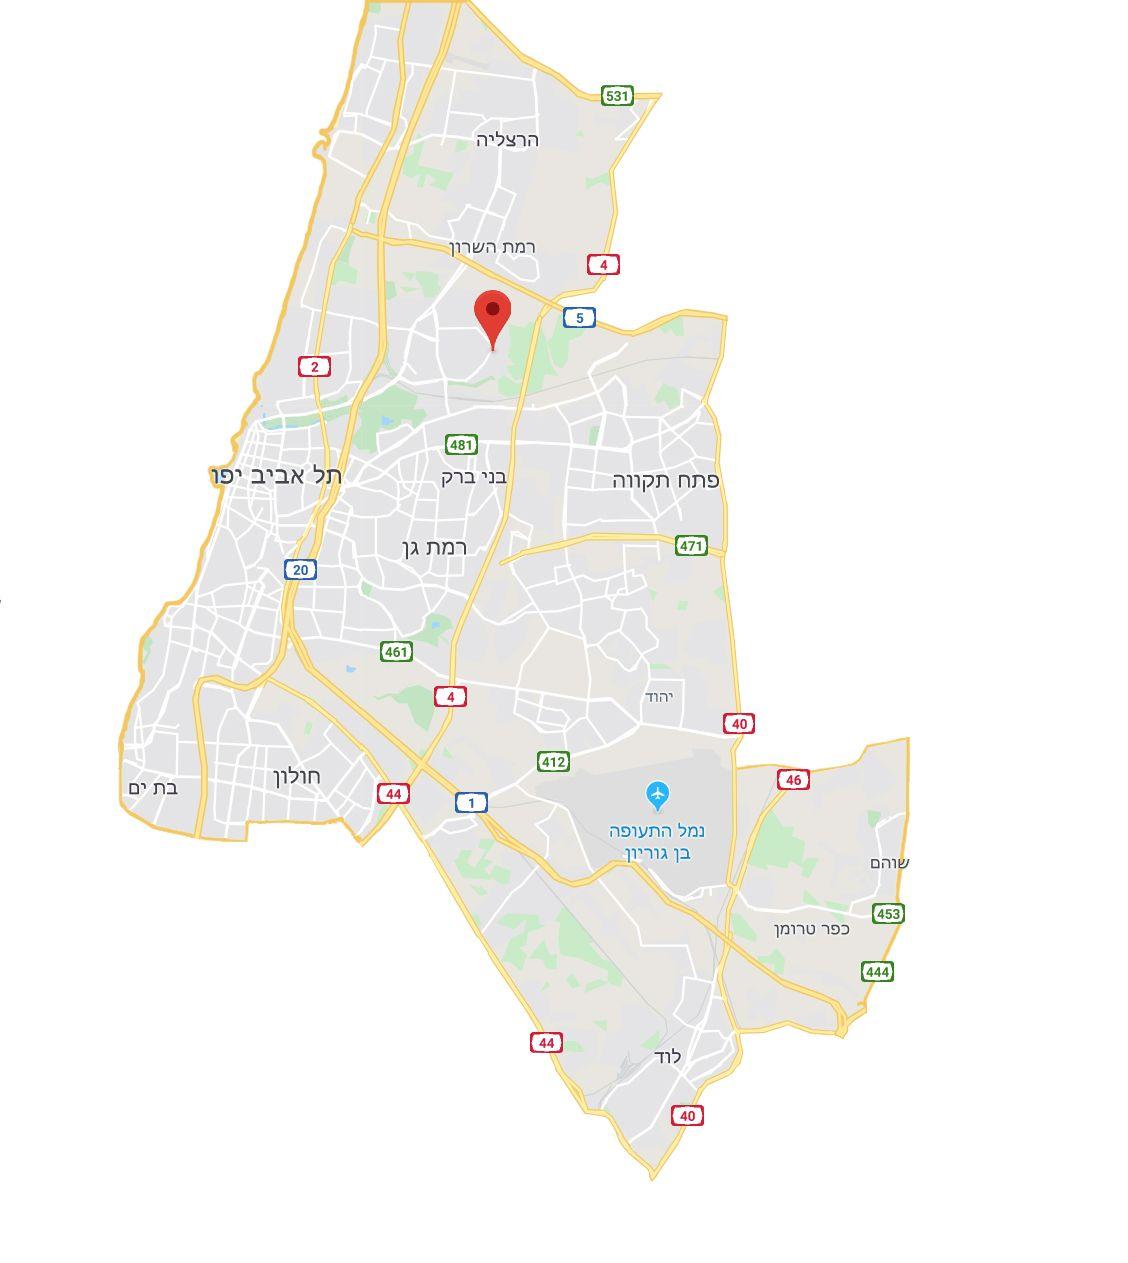 מפת חלוקה אמירים אקספרס